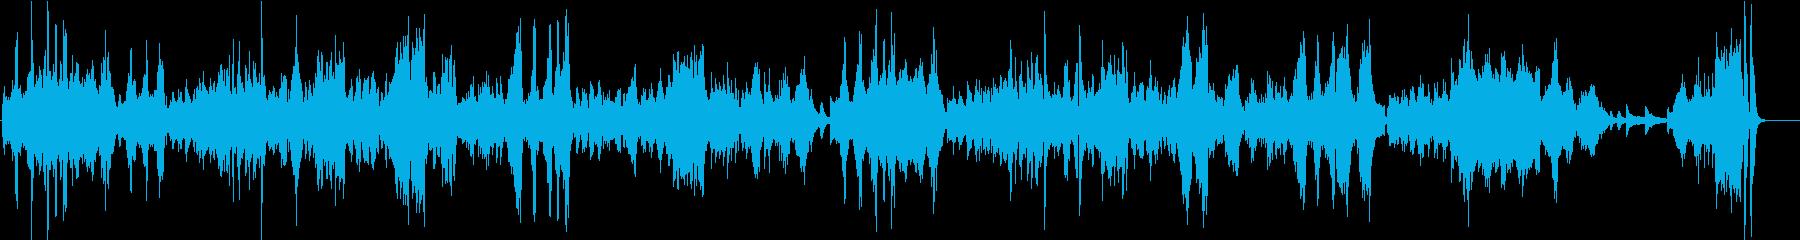 ベートーヴェン月光ソナタ 第3楽章の再生済みの波形